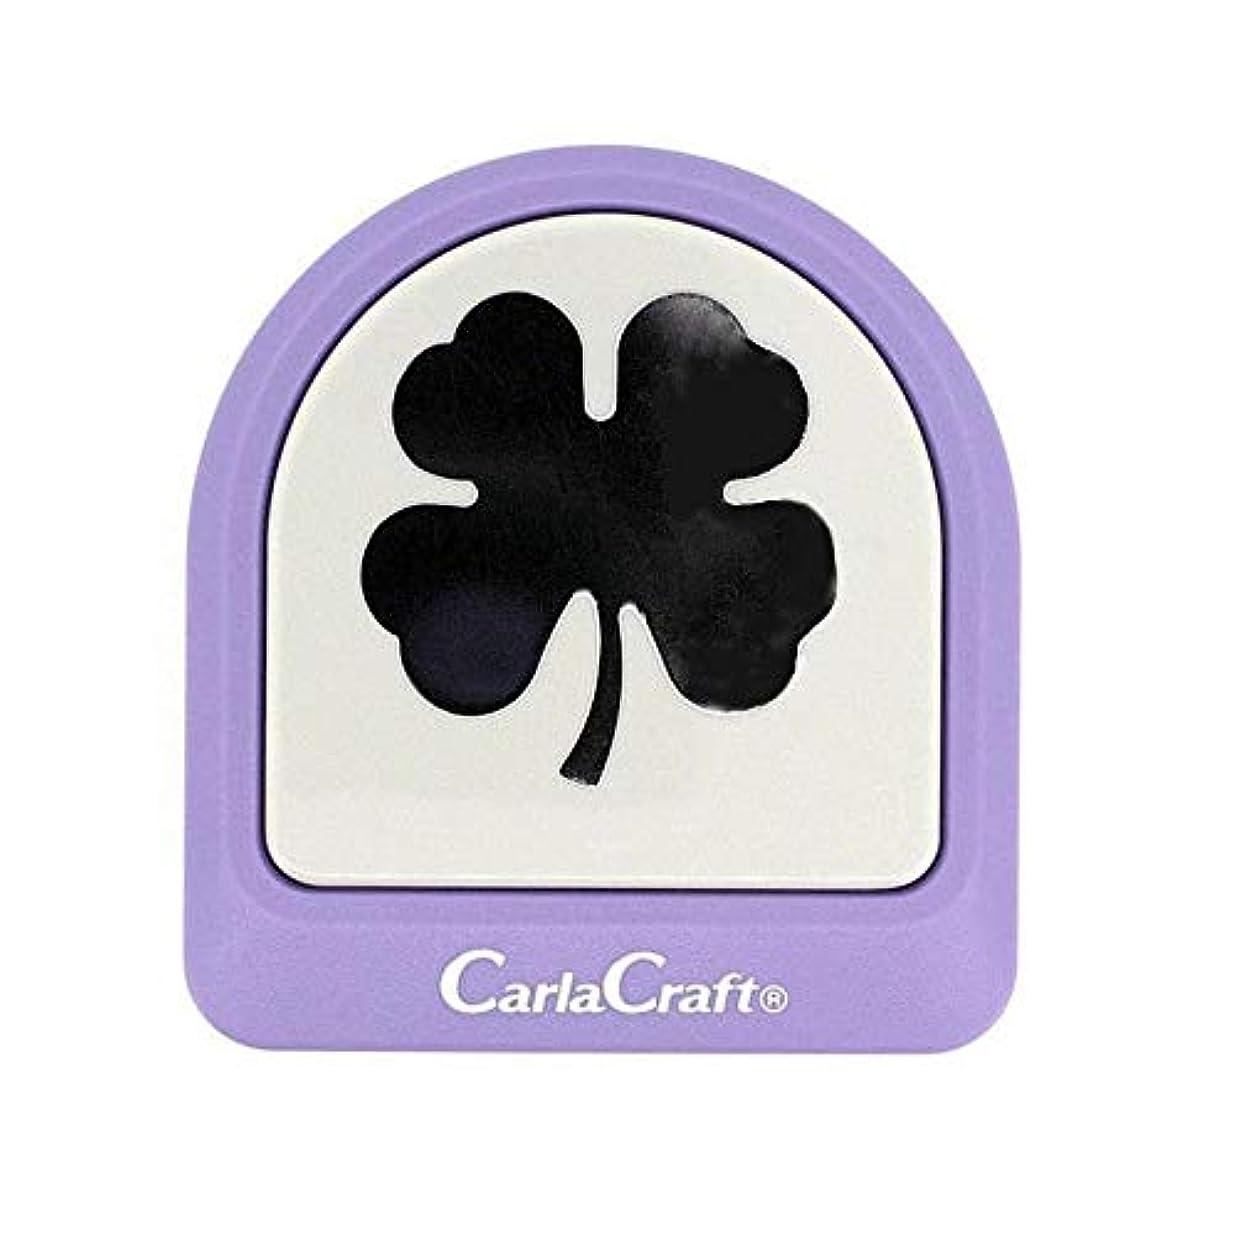 通訳例外クリーナーCarla Craft(カーラクラフト) メガジャンボクラフトパンチ クローバー CN45103(4100779)